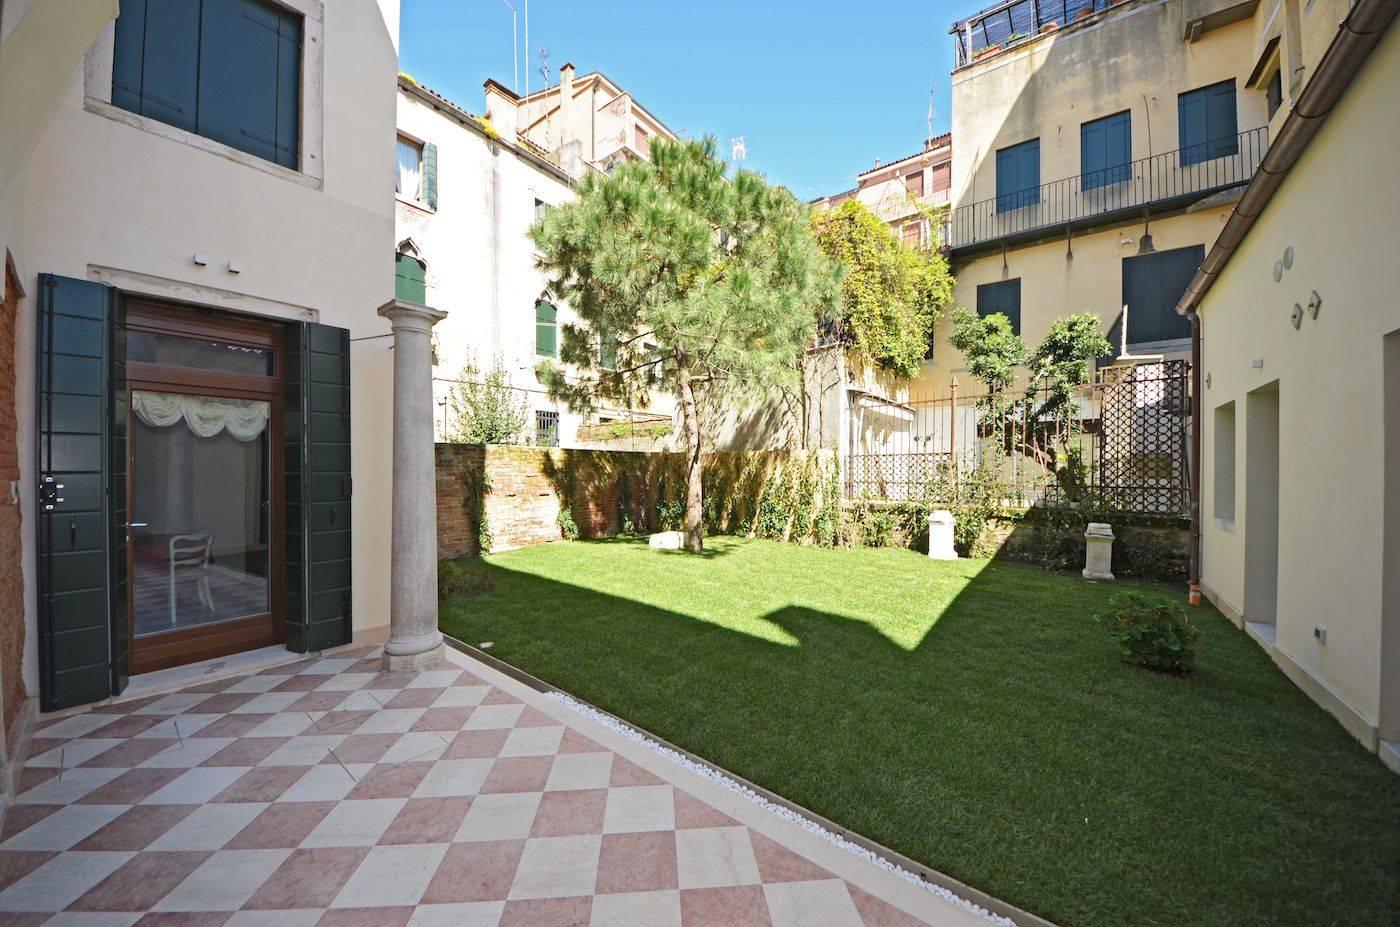 Palladio Garden